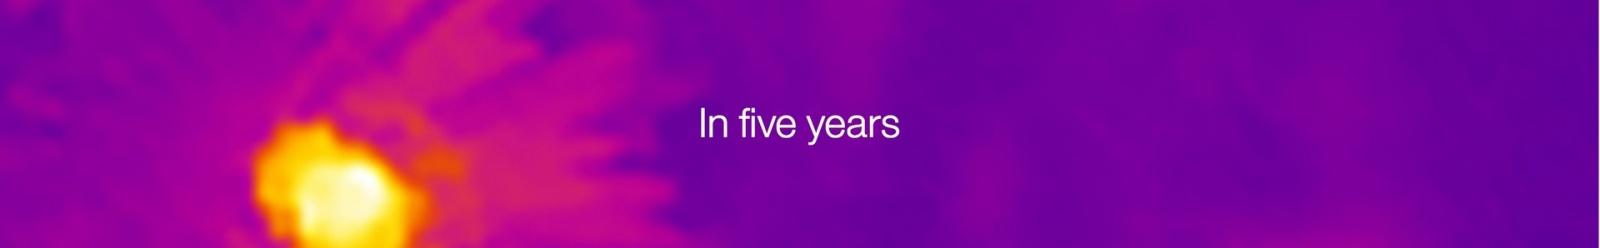 IBM 5 in 5: пять инноваций, которые изменят нашу жизнь в ближайшие пять лет - 1